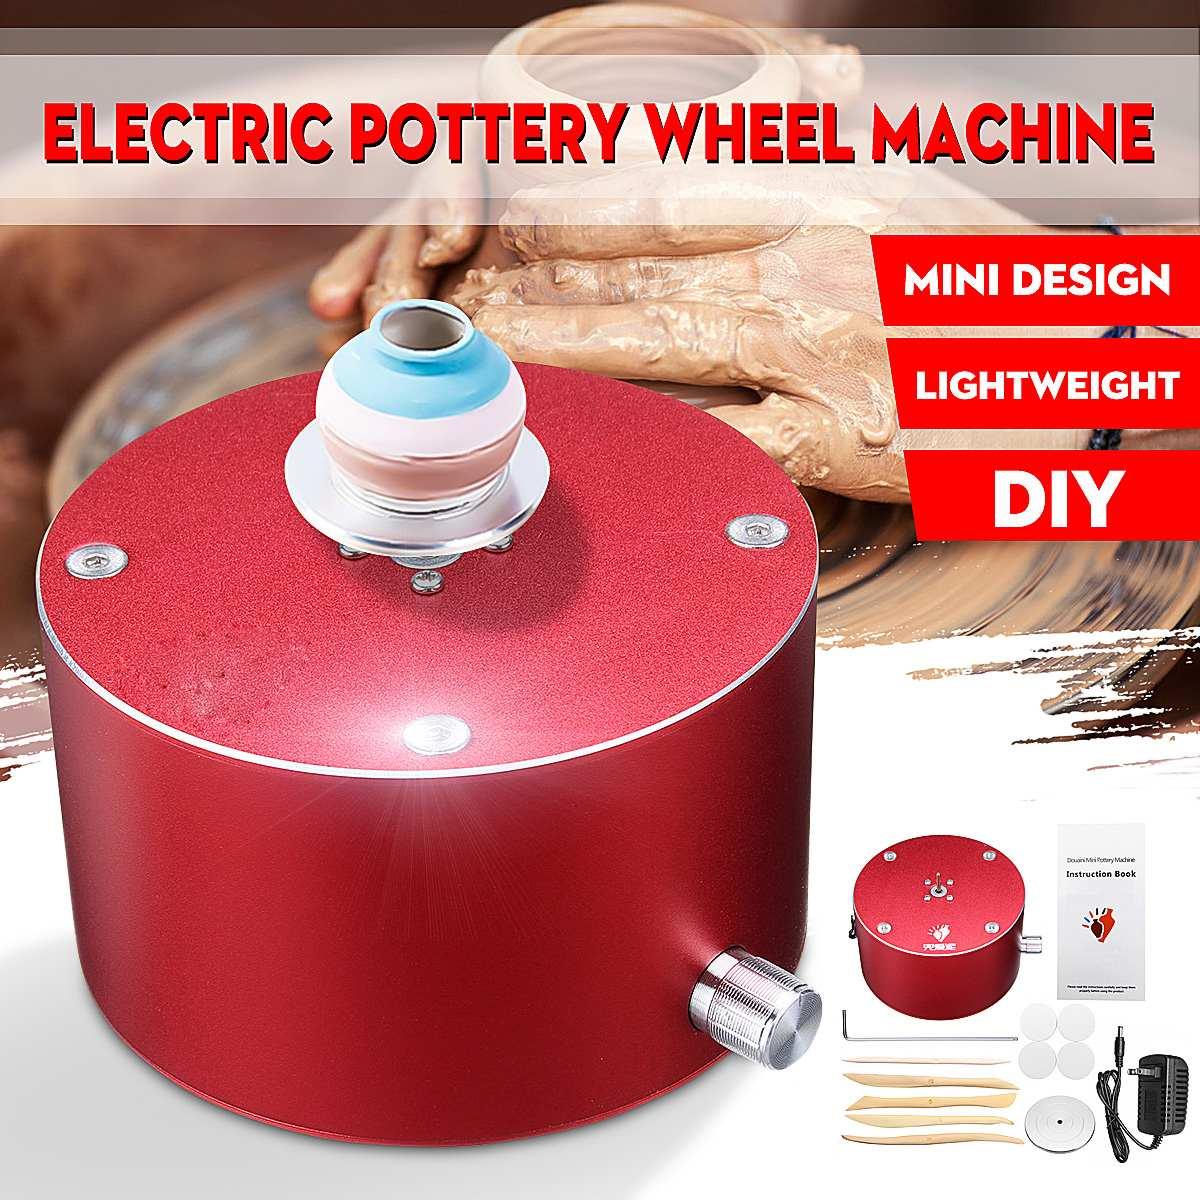 12 V tournant la roue de poterie électrique bricolage en céramique Machine tourne-disque au bout du doigt Mini poterie roue argile poterie faisant la trousse d'outils